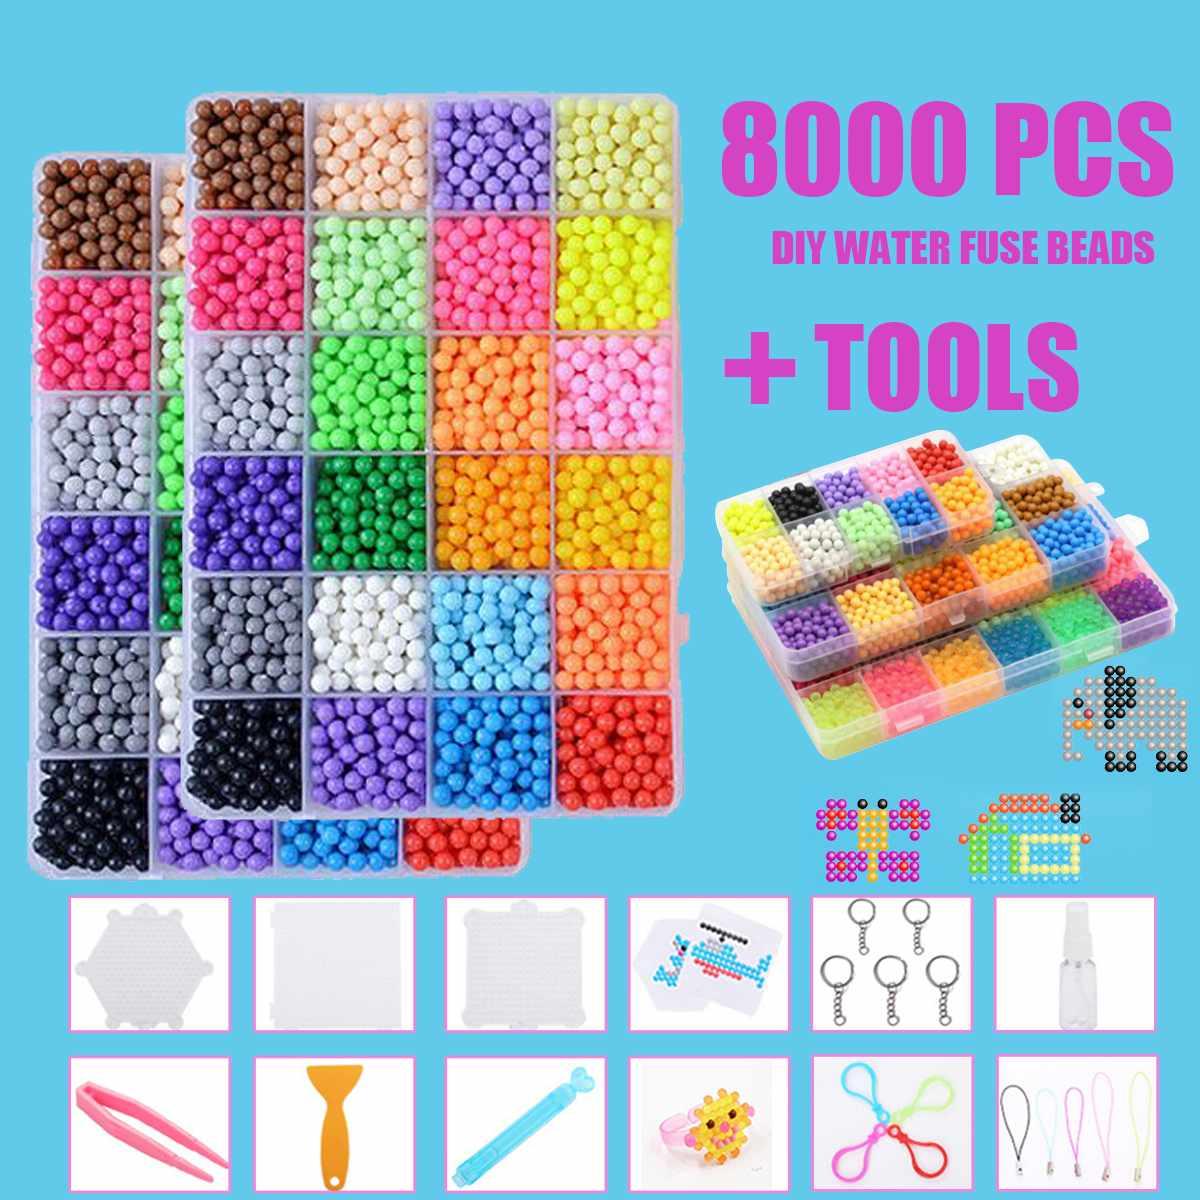 8000-pcs-magia-quebra-cabeca-brinquedos-nevoa-de-agua-conjunto-granulo-meninos-meninas-diy-artesanato-animal-artesanal-granulos-pegajosos-brinquedos-educativos-criancas-presentes